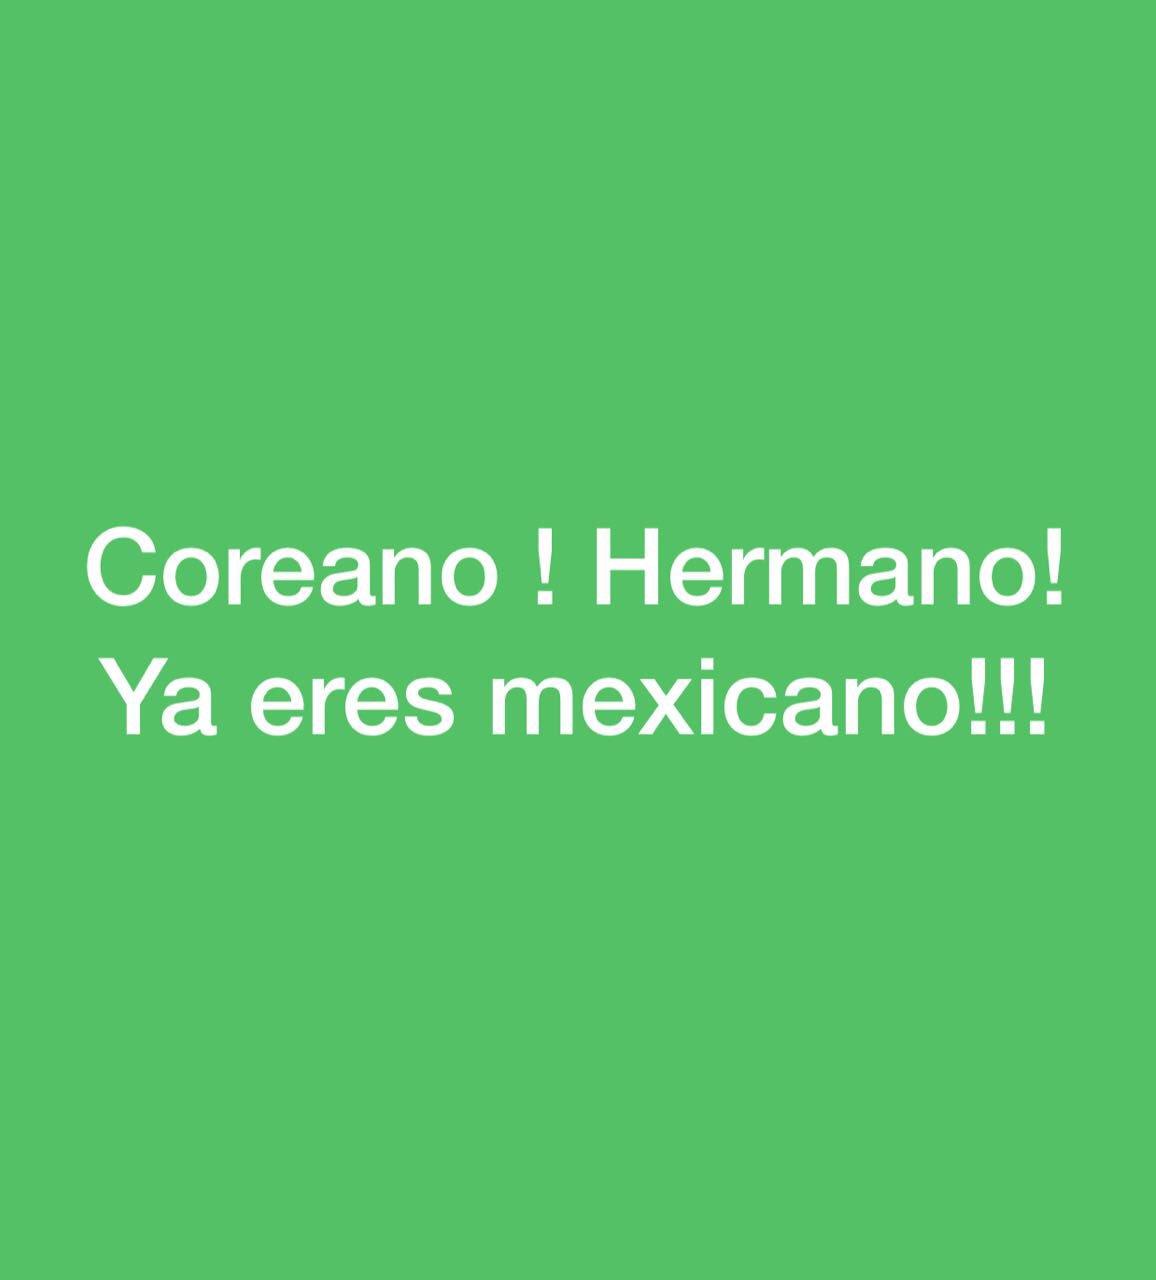 Coreano! Hermano! Ya eres mexicano!!! #VamosConTodo https://t.co/7STHJBlKUy